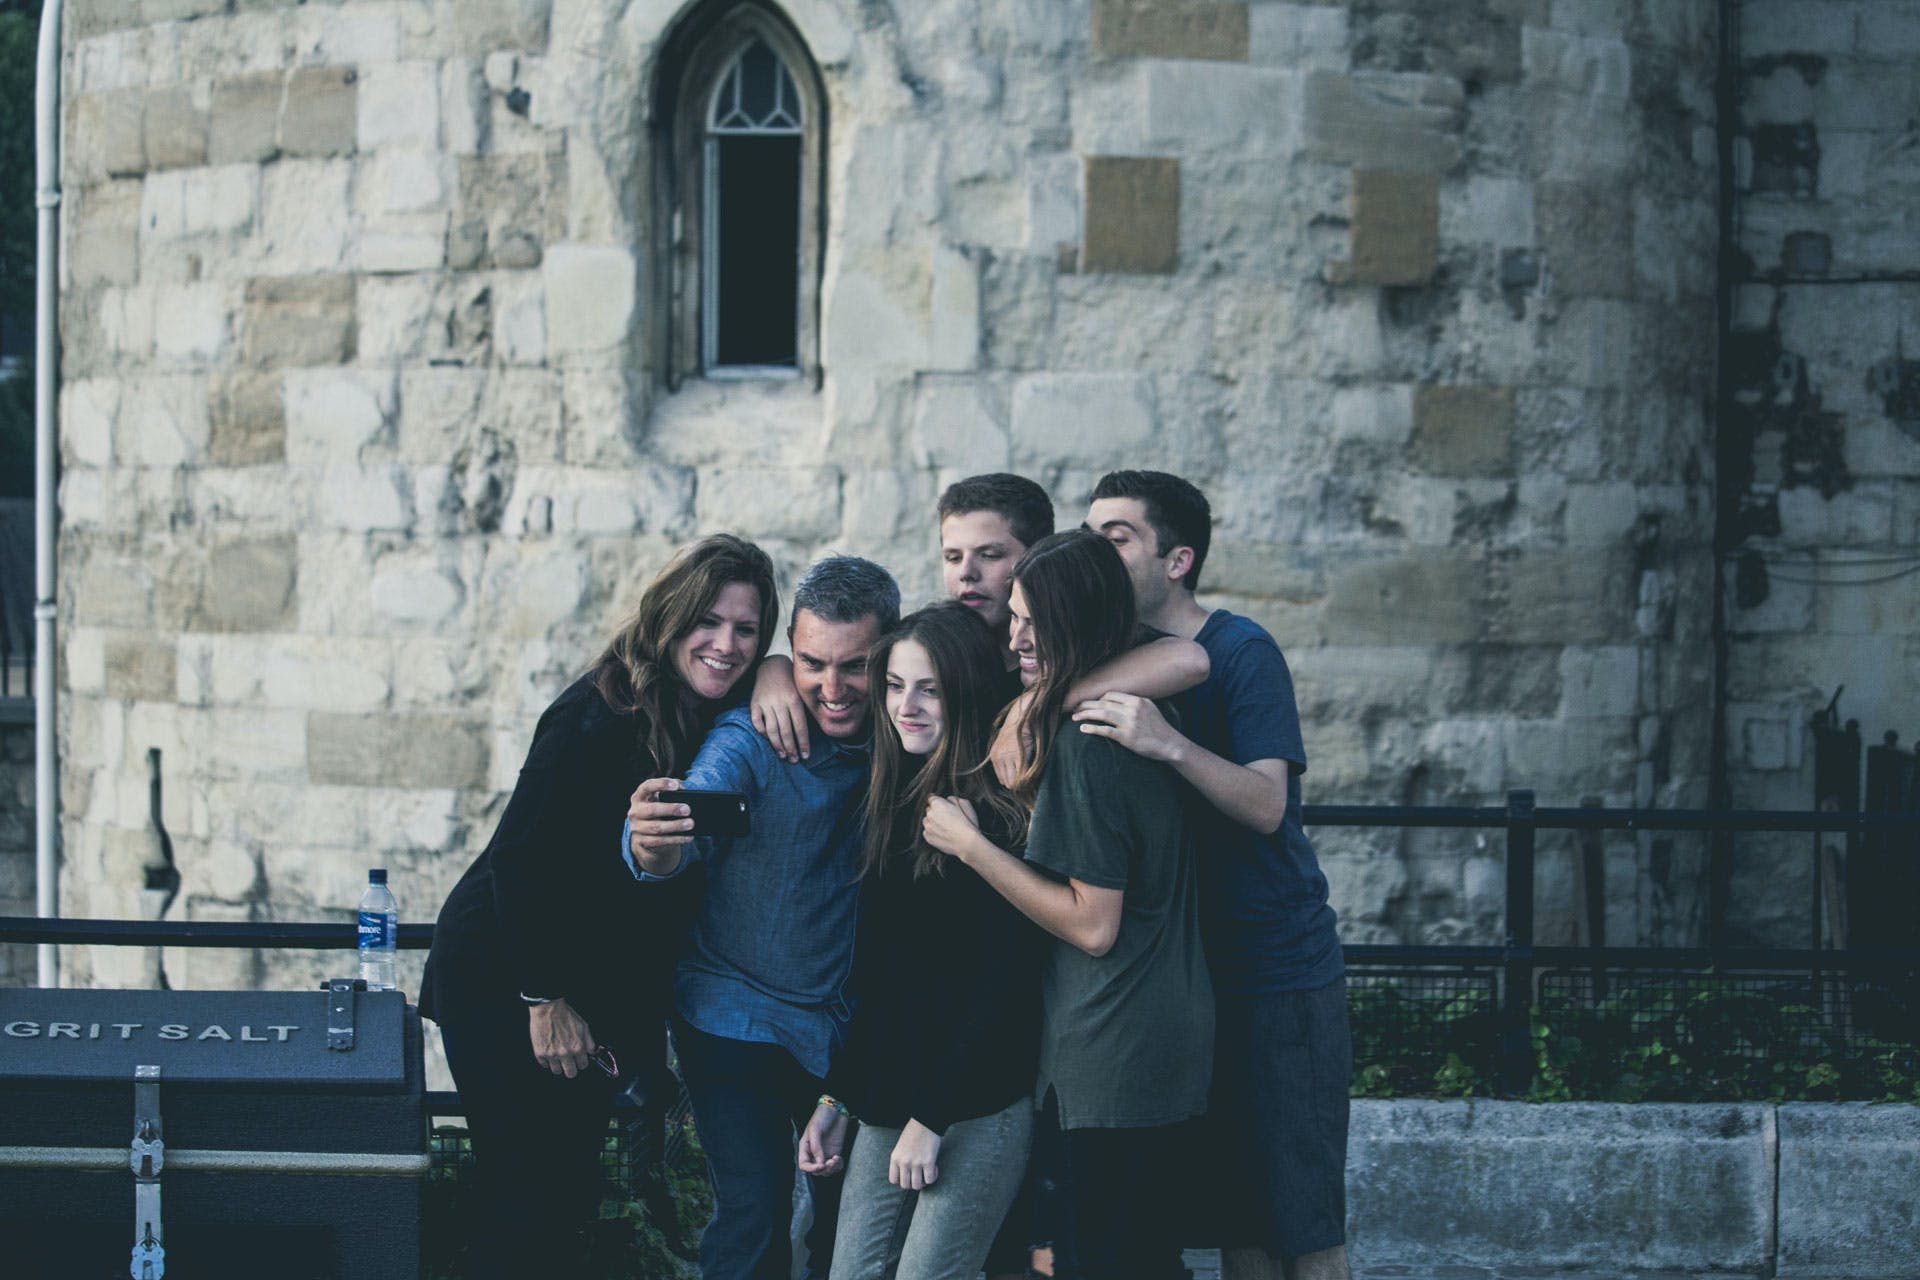 de amigos, amistad, autofoto, comunidad